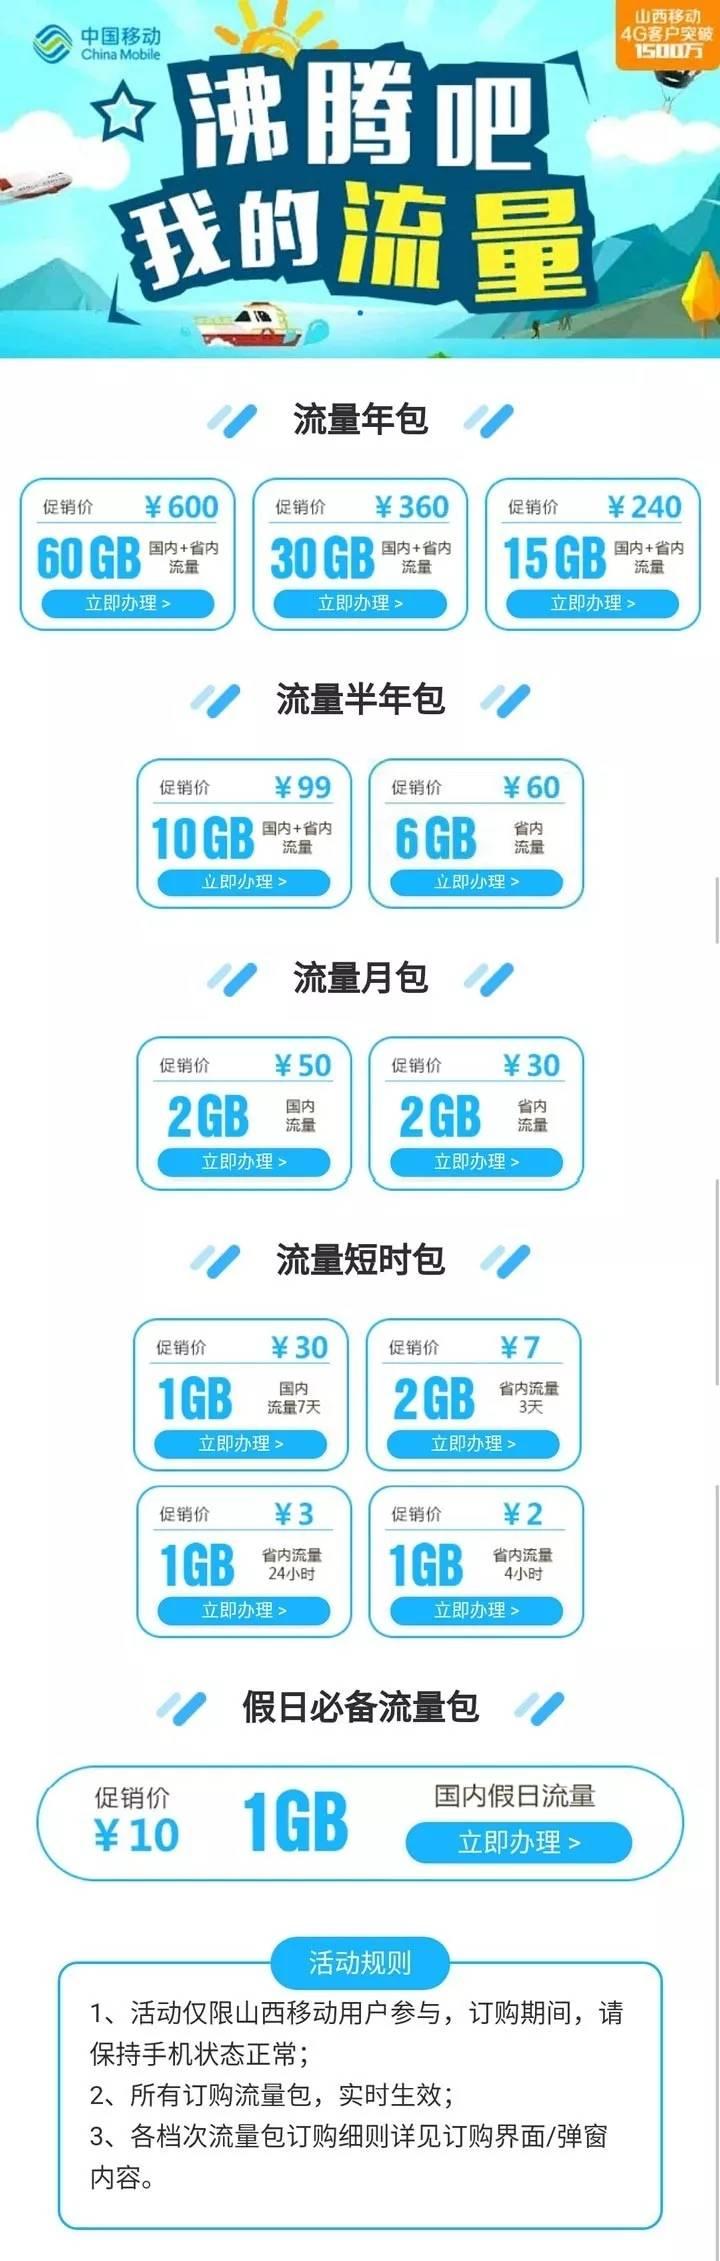 特惠流量包,低至2元1G!速来!.jpg